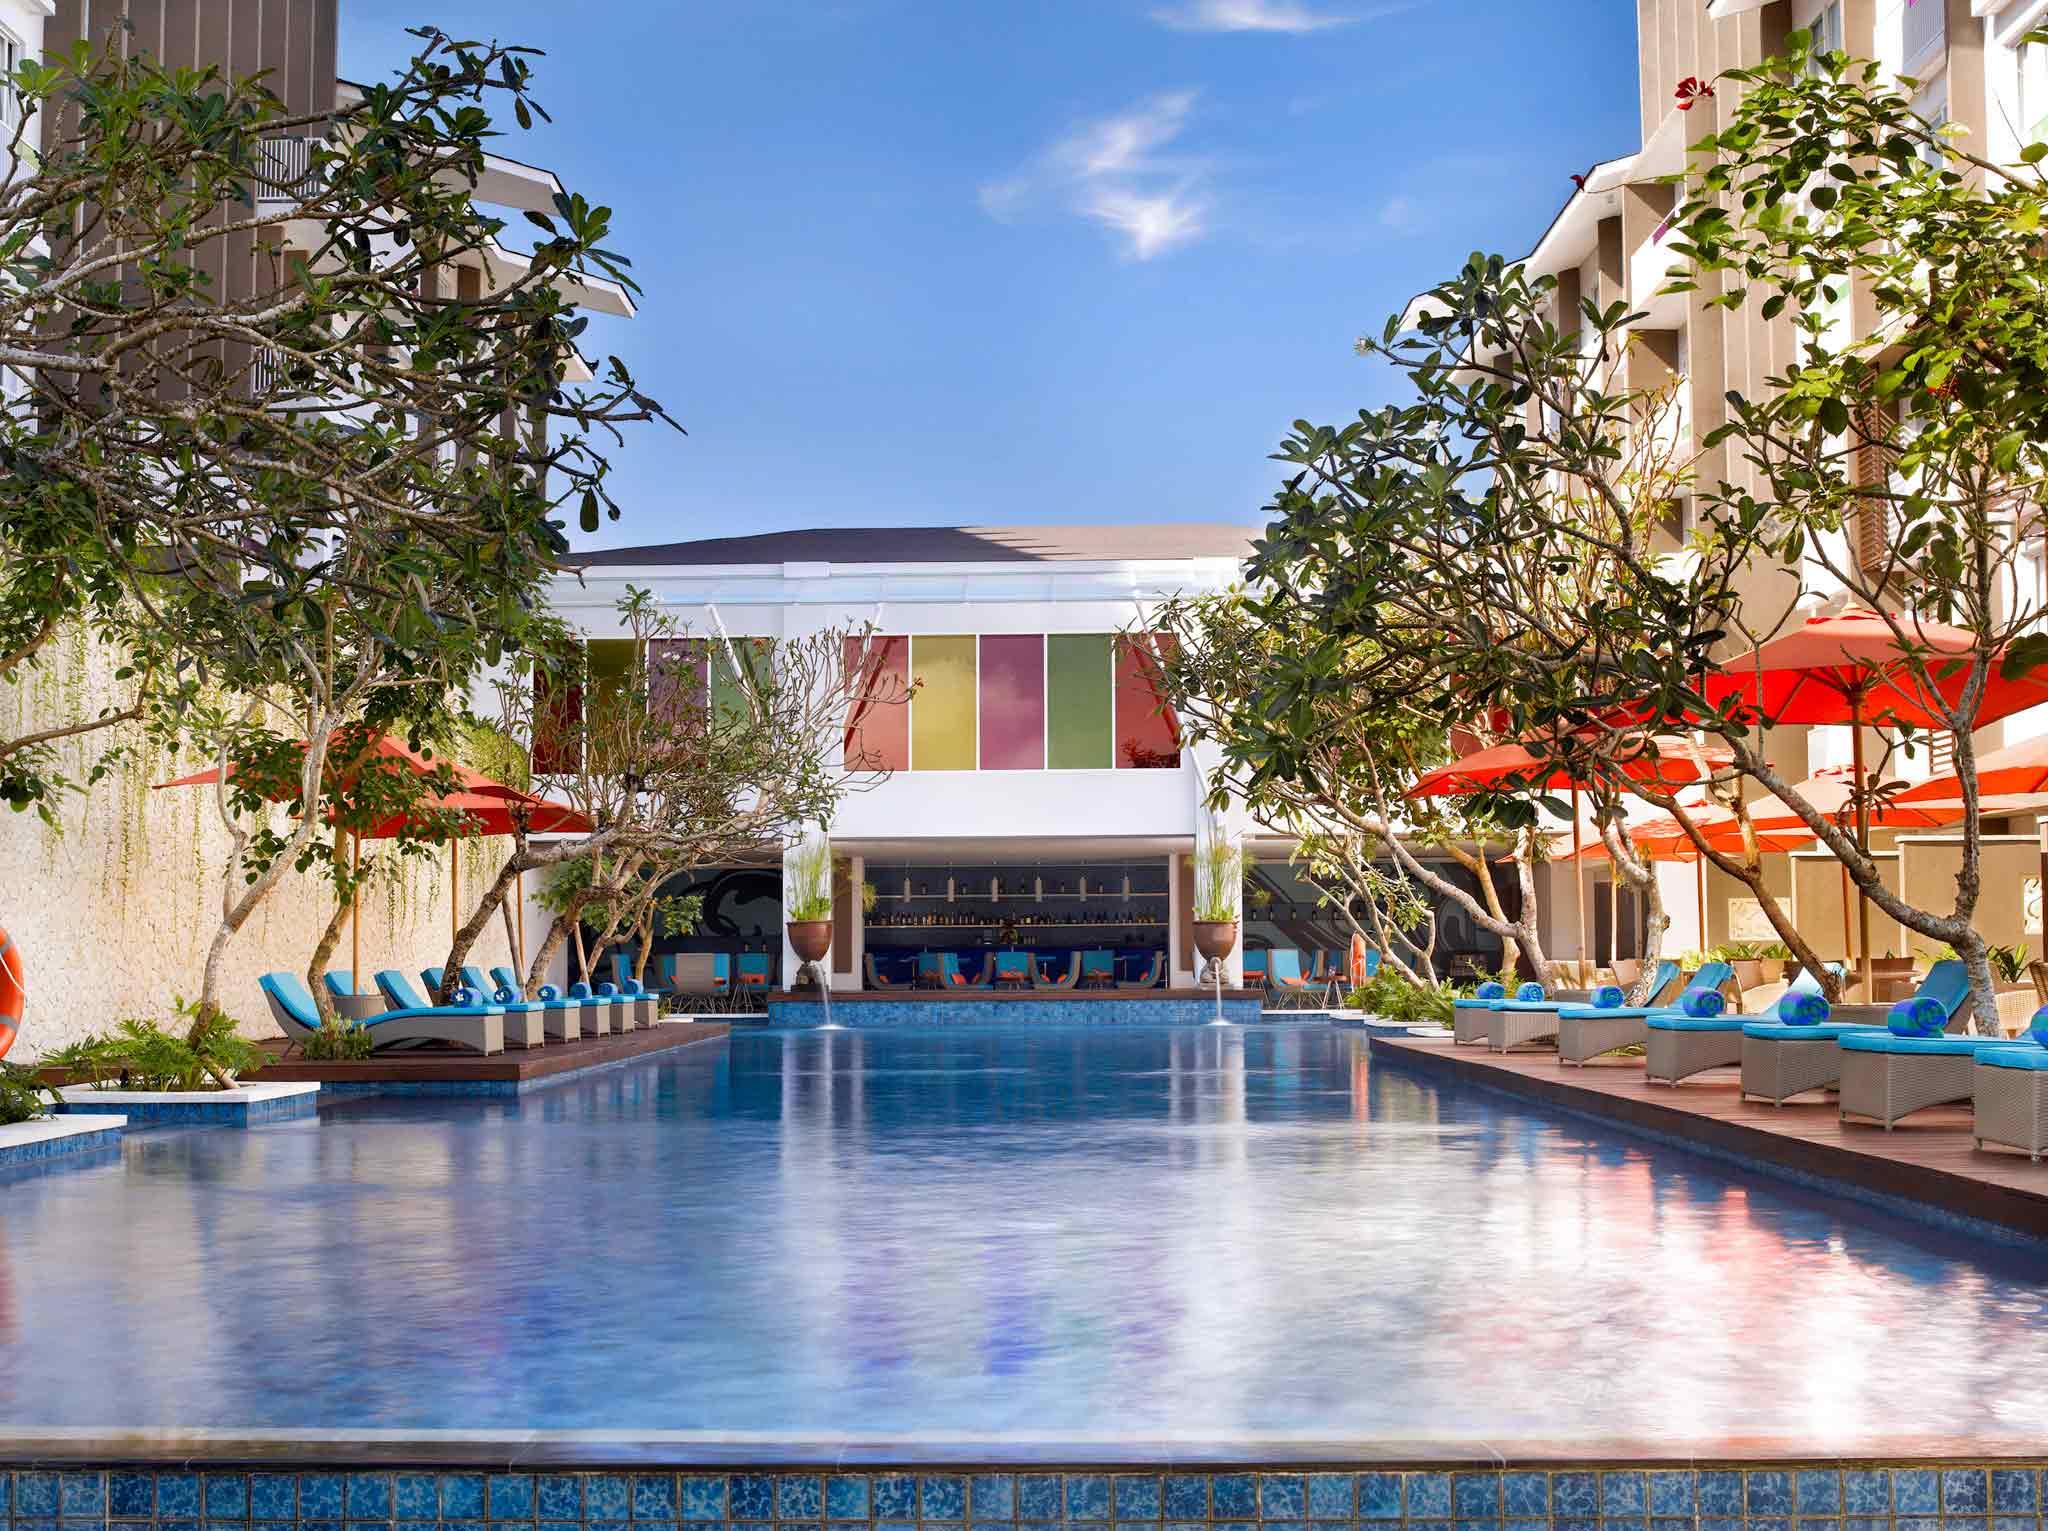 โรงแรม – ไอบิส สไตล์ บาหลี เบนัว